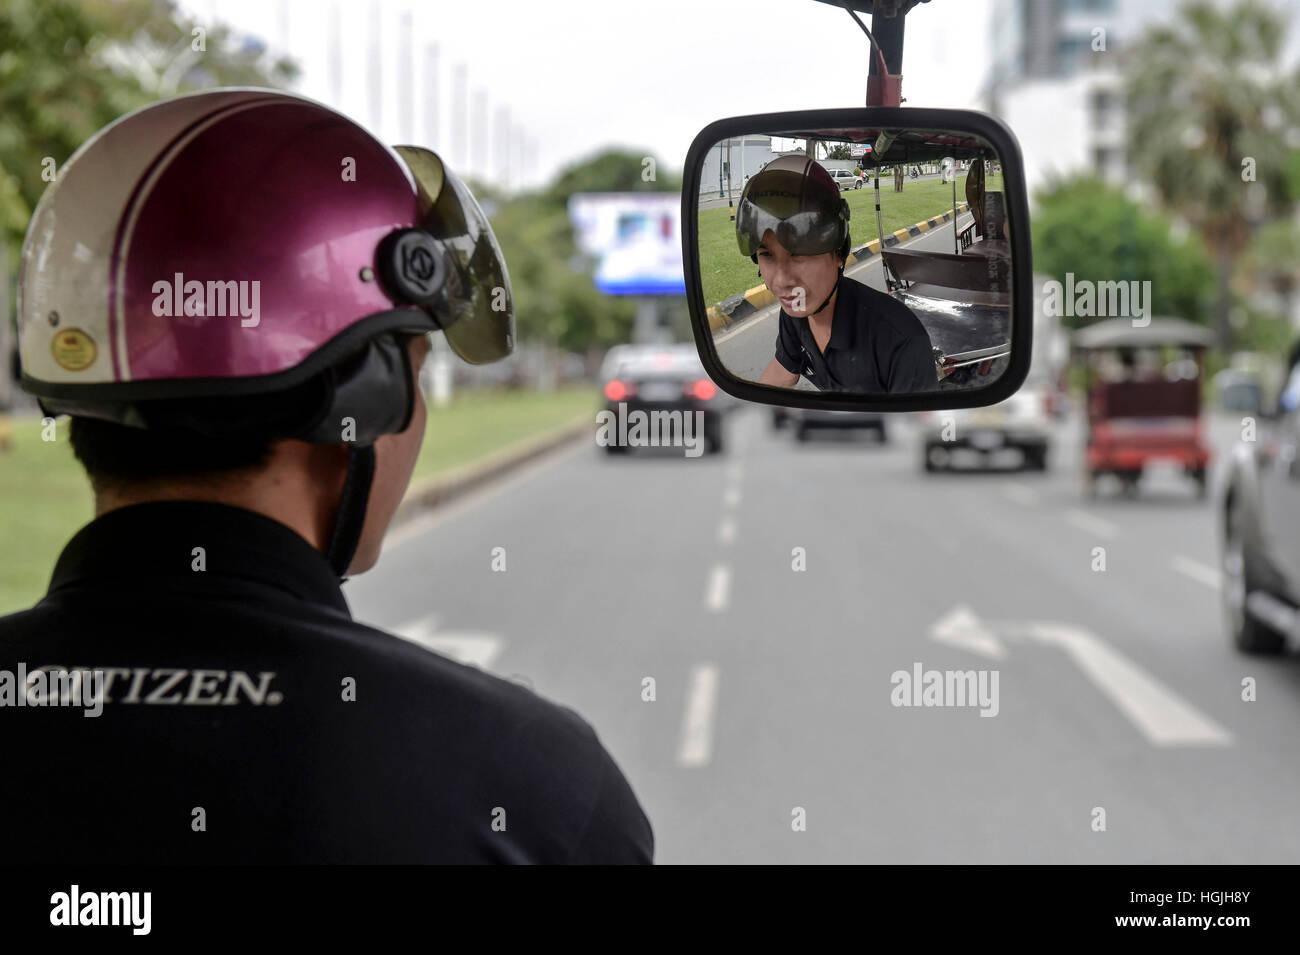 Un Tuk Tuk driver con casco Guardando nello specchietto retrovisore, Phnom Penh Cambogia Immagini Stock